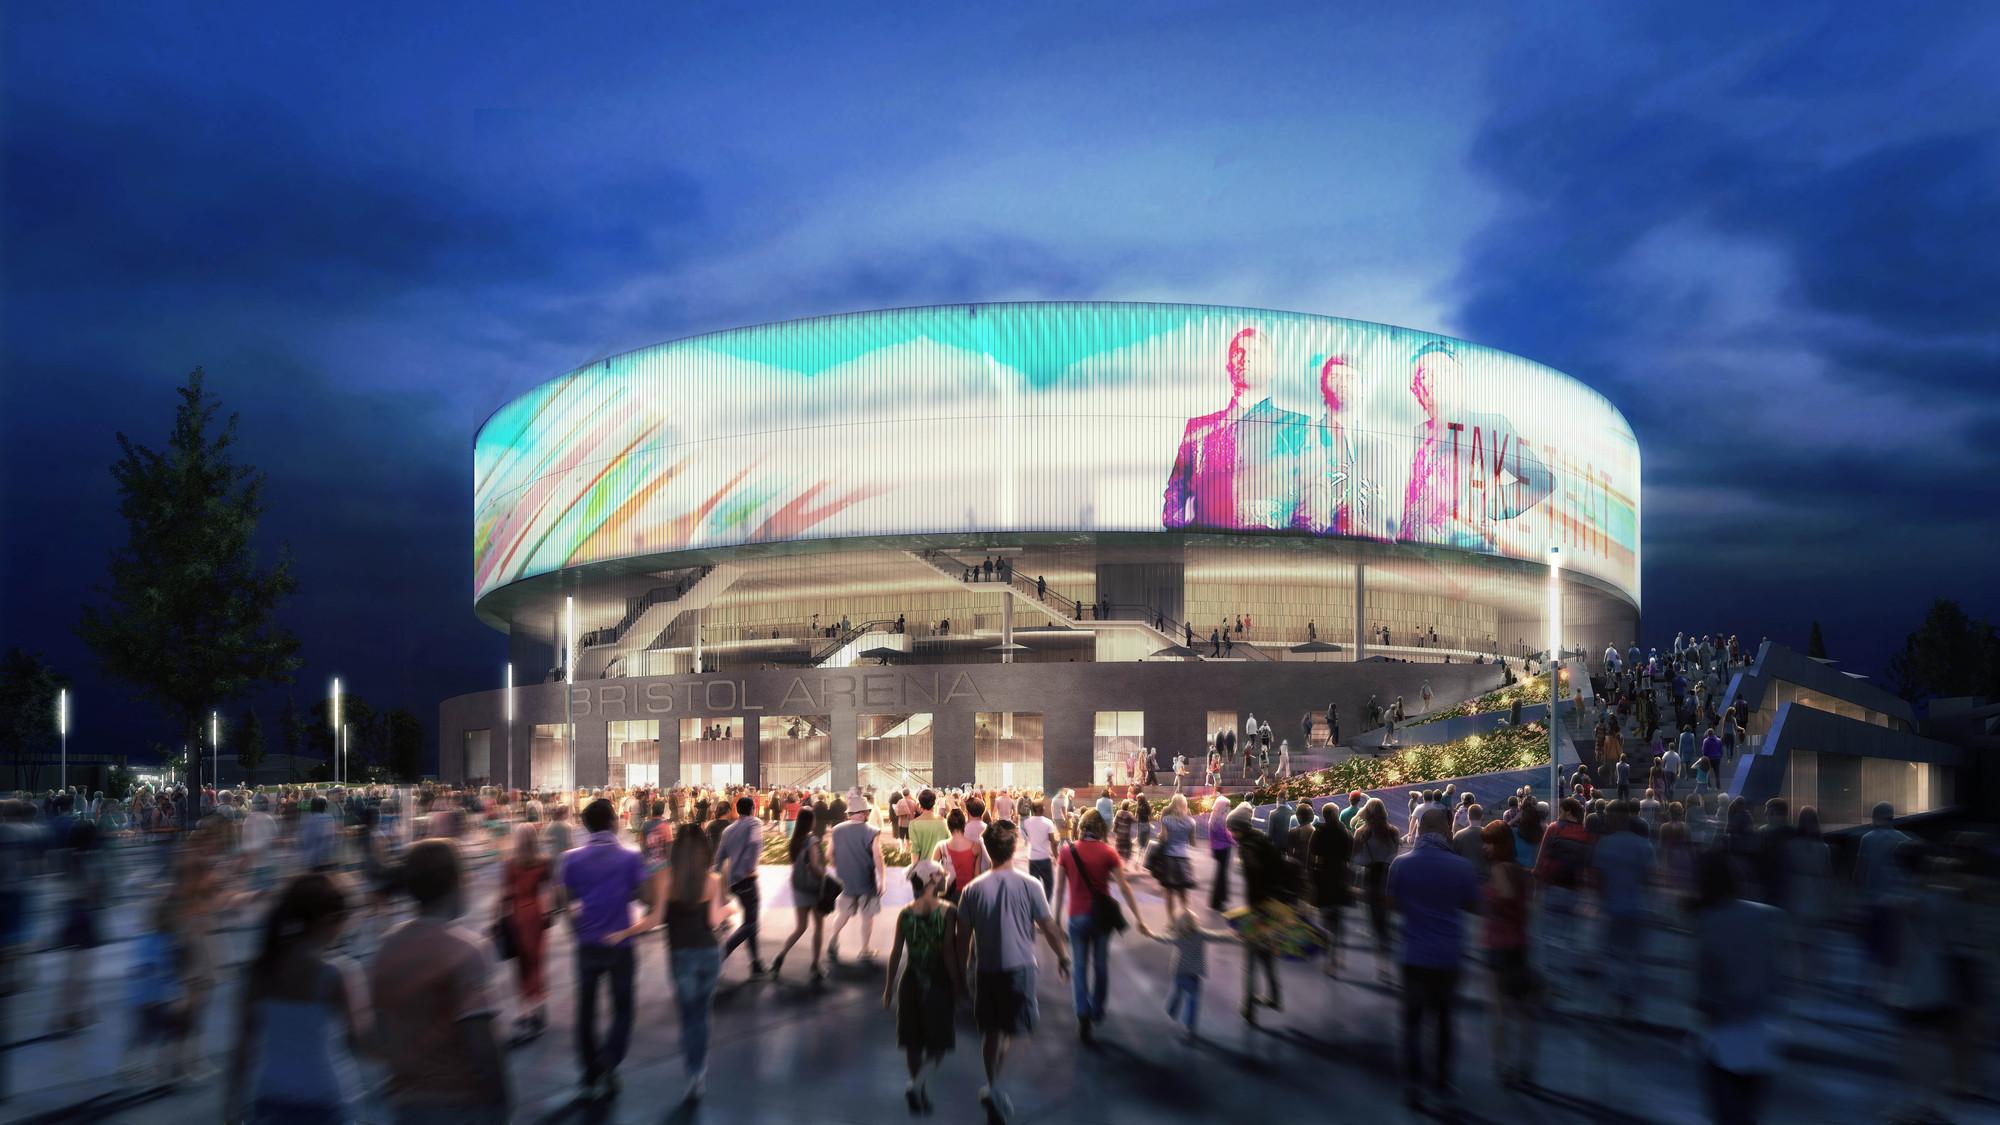 Populous Wins Competition to Design Bristol's £90 Million Arena, © Populous